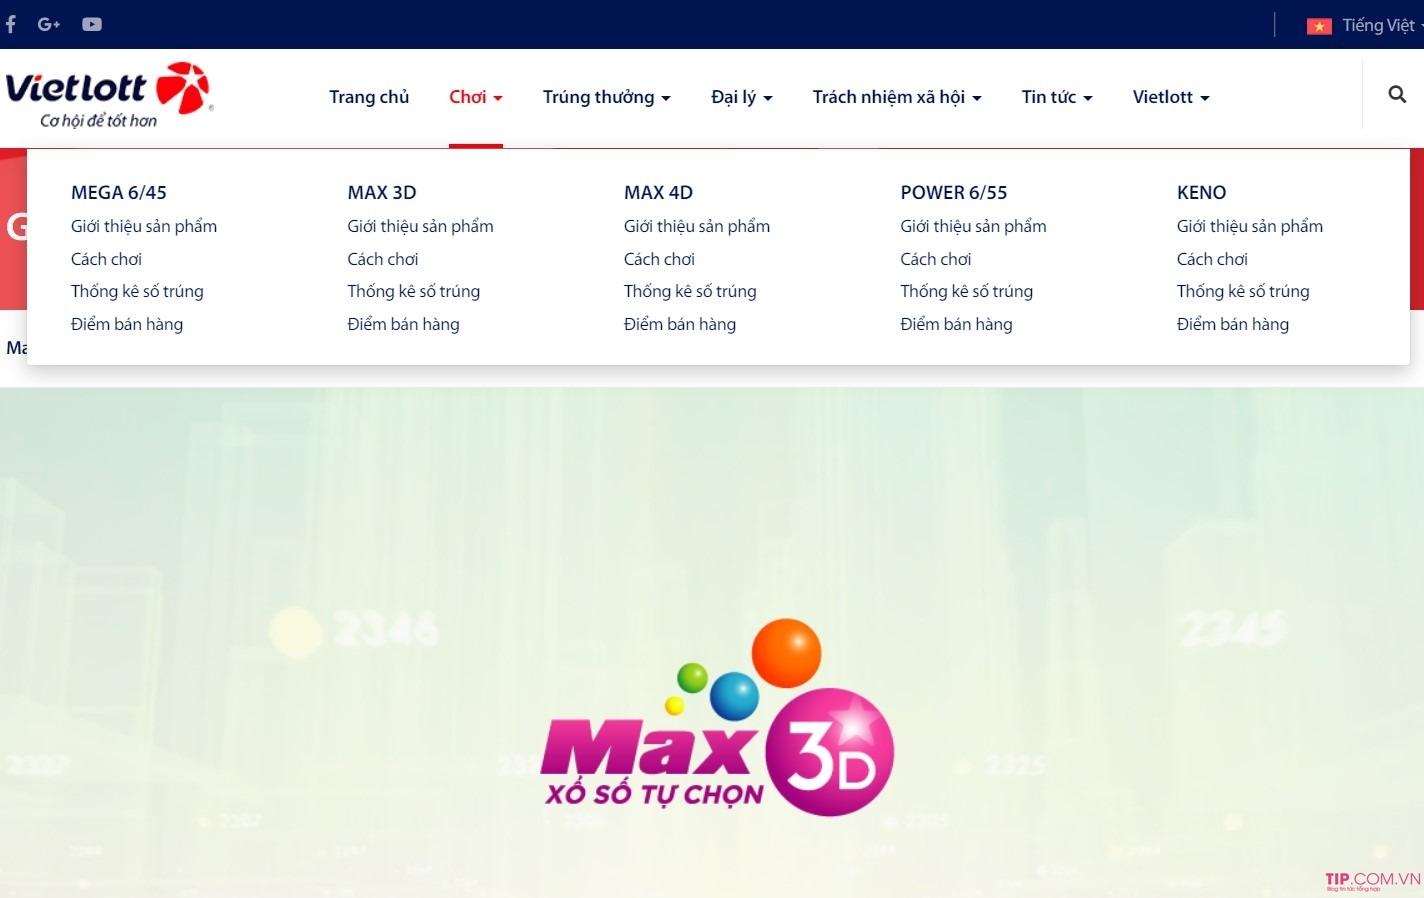 [Top 3] Kênh phát trực tiếp xổ số phổ biến nhất tại Việt Nam